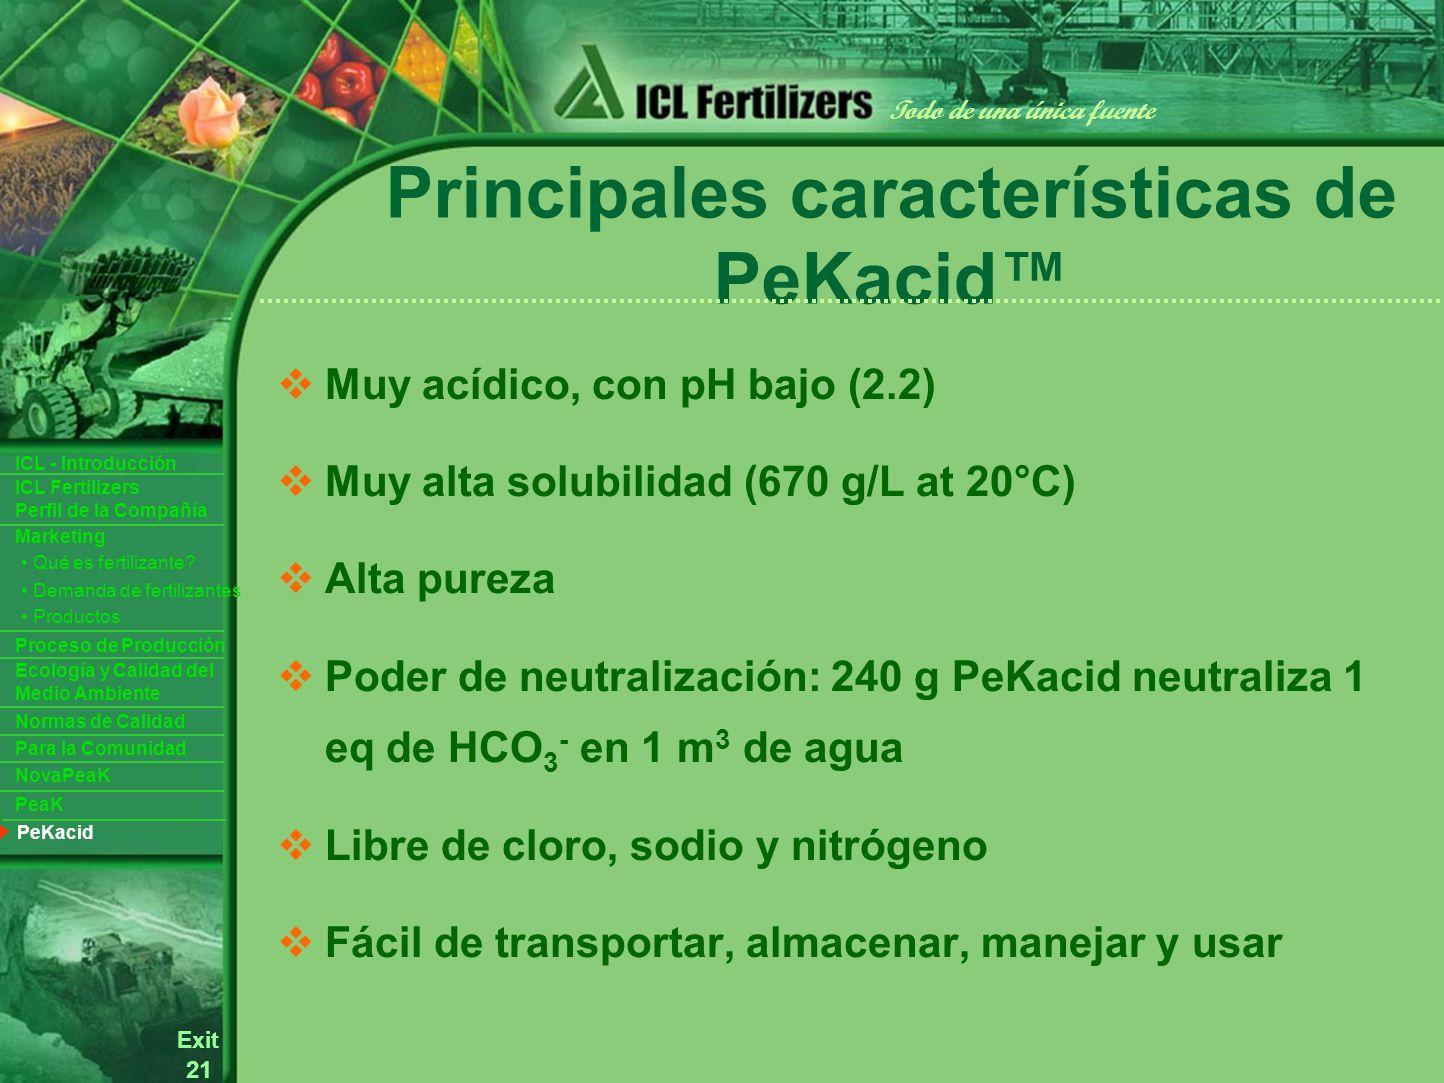 21 Exit Todo de una única fuente ICL Fertilizers Perfil de la Compañía ICL - Introducción Productos Para la Comunidad Ecología y Calidad del Medio Ambiente Normas de Calidad Marketing Proceso de Producción Demanda de fertilizantes Qué es fertilizante.